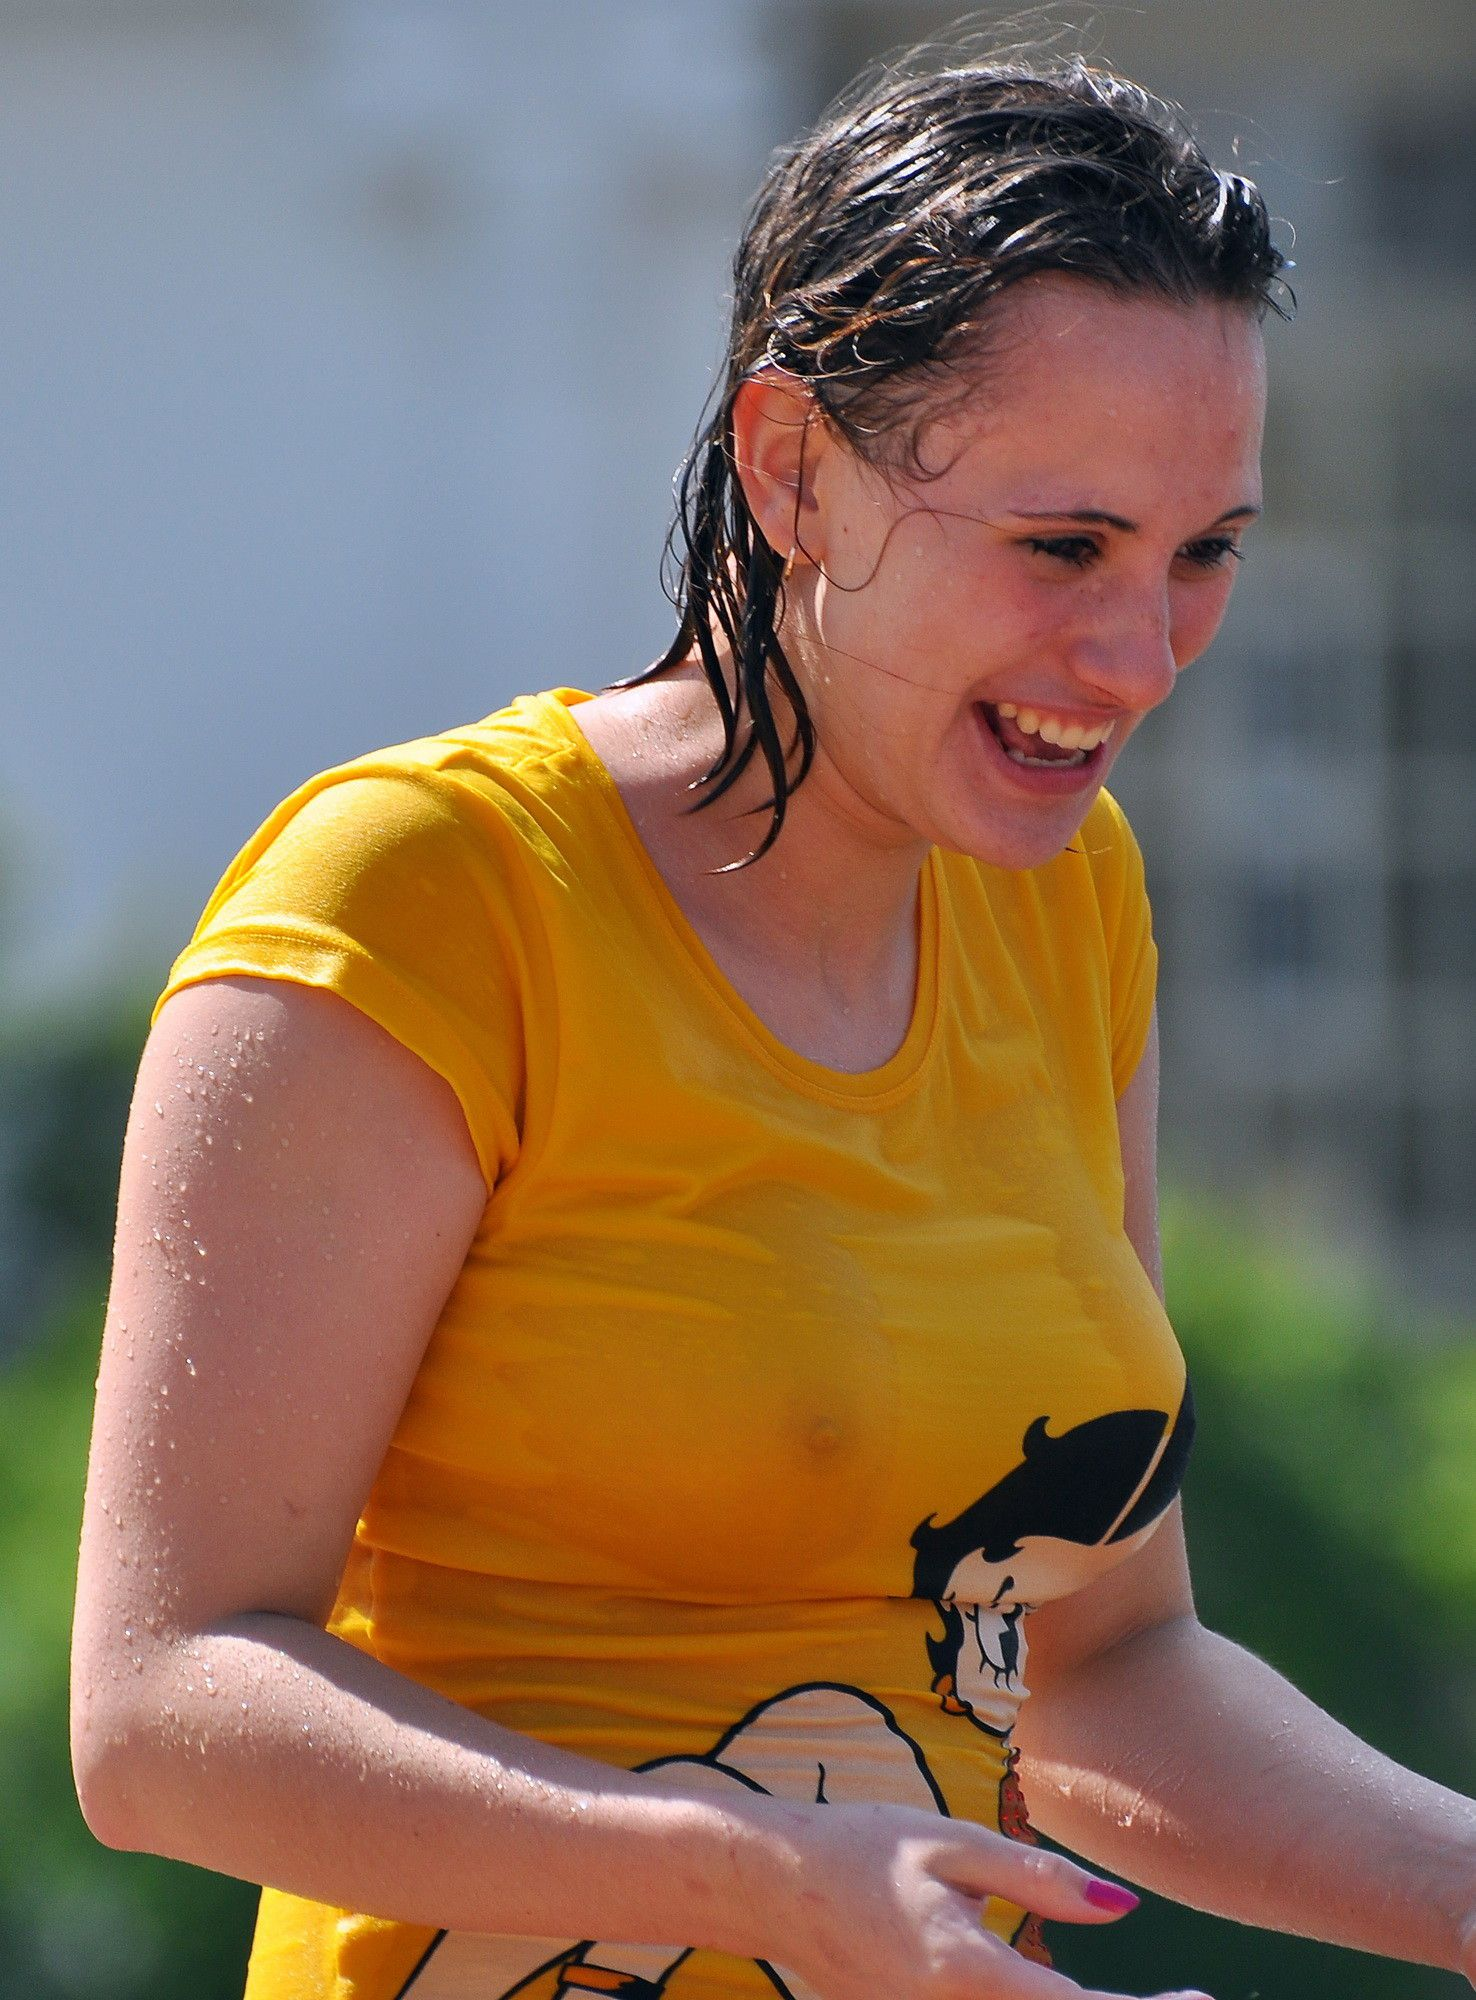 【海外エロ画像】ノーブラが基本なので…外人さんの見えても平気な濡れ透け乳首www 18